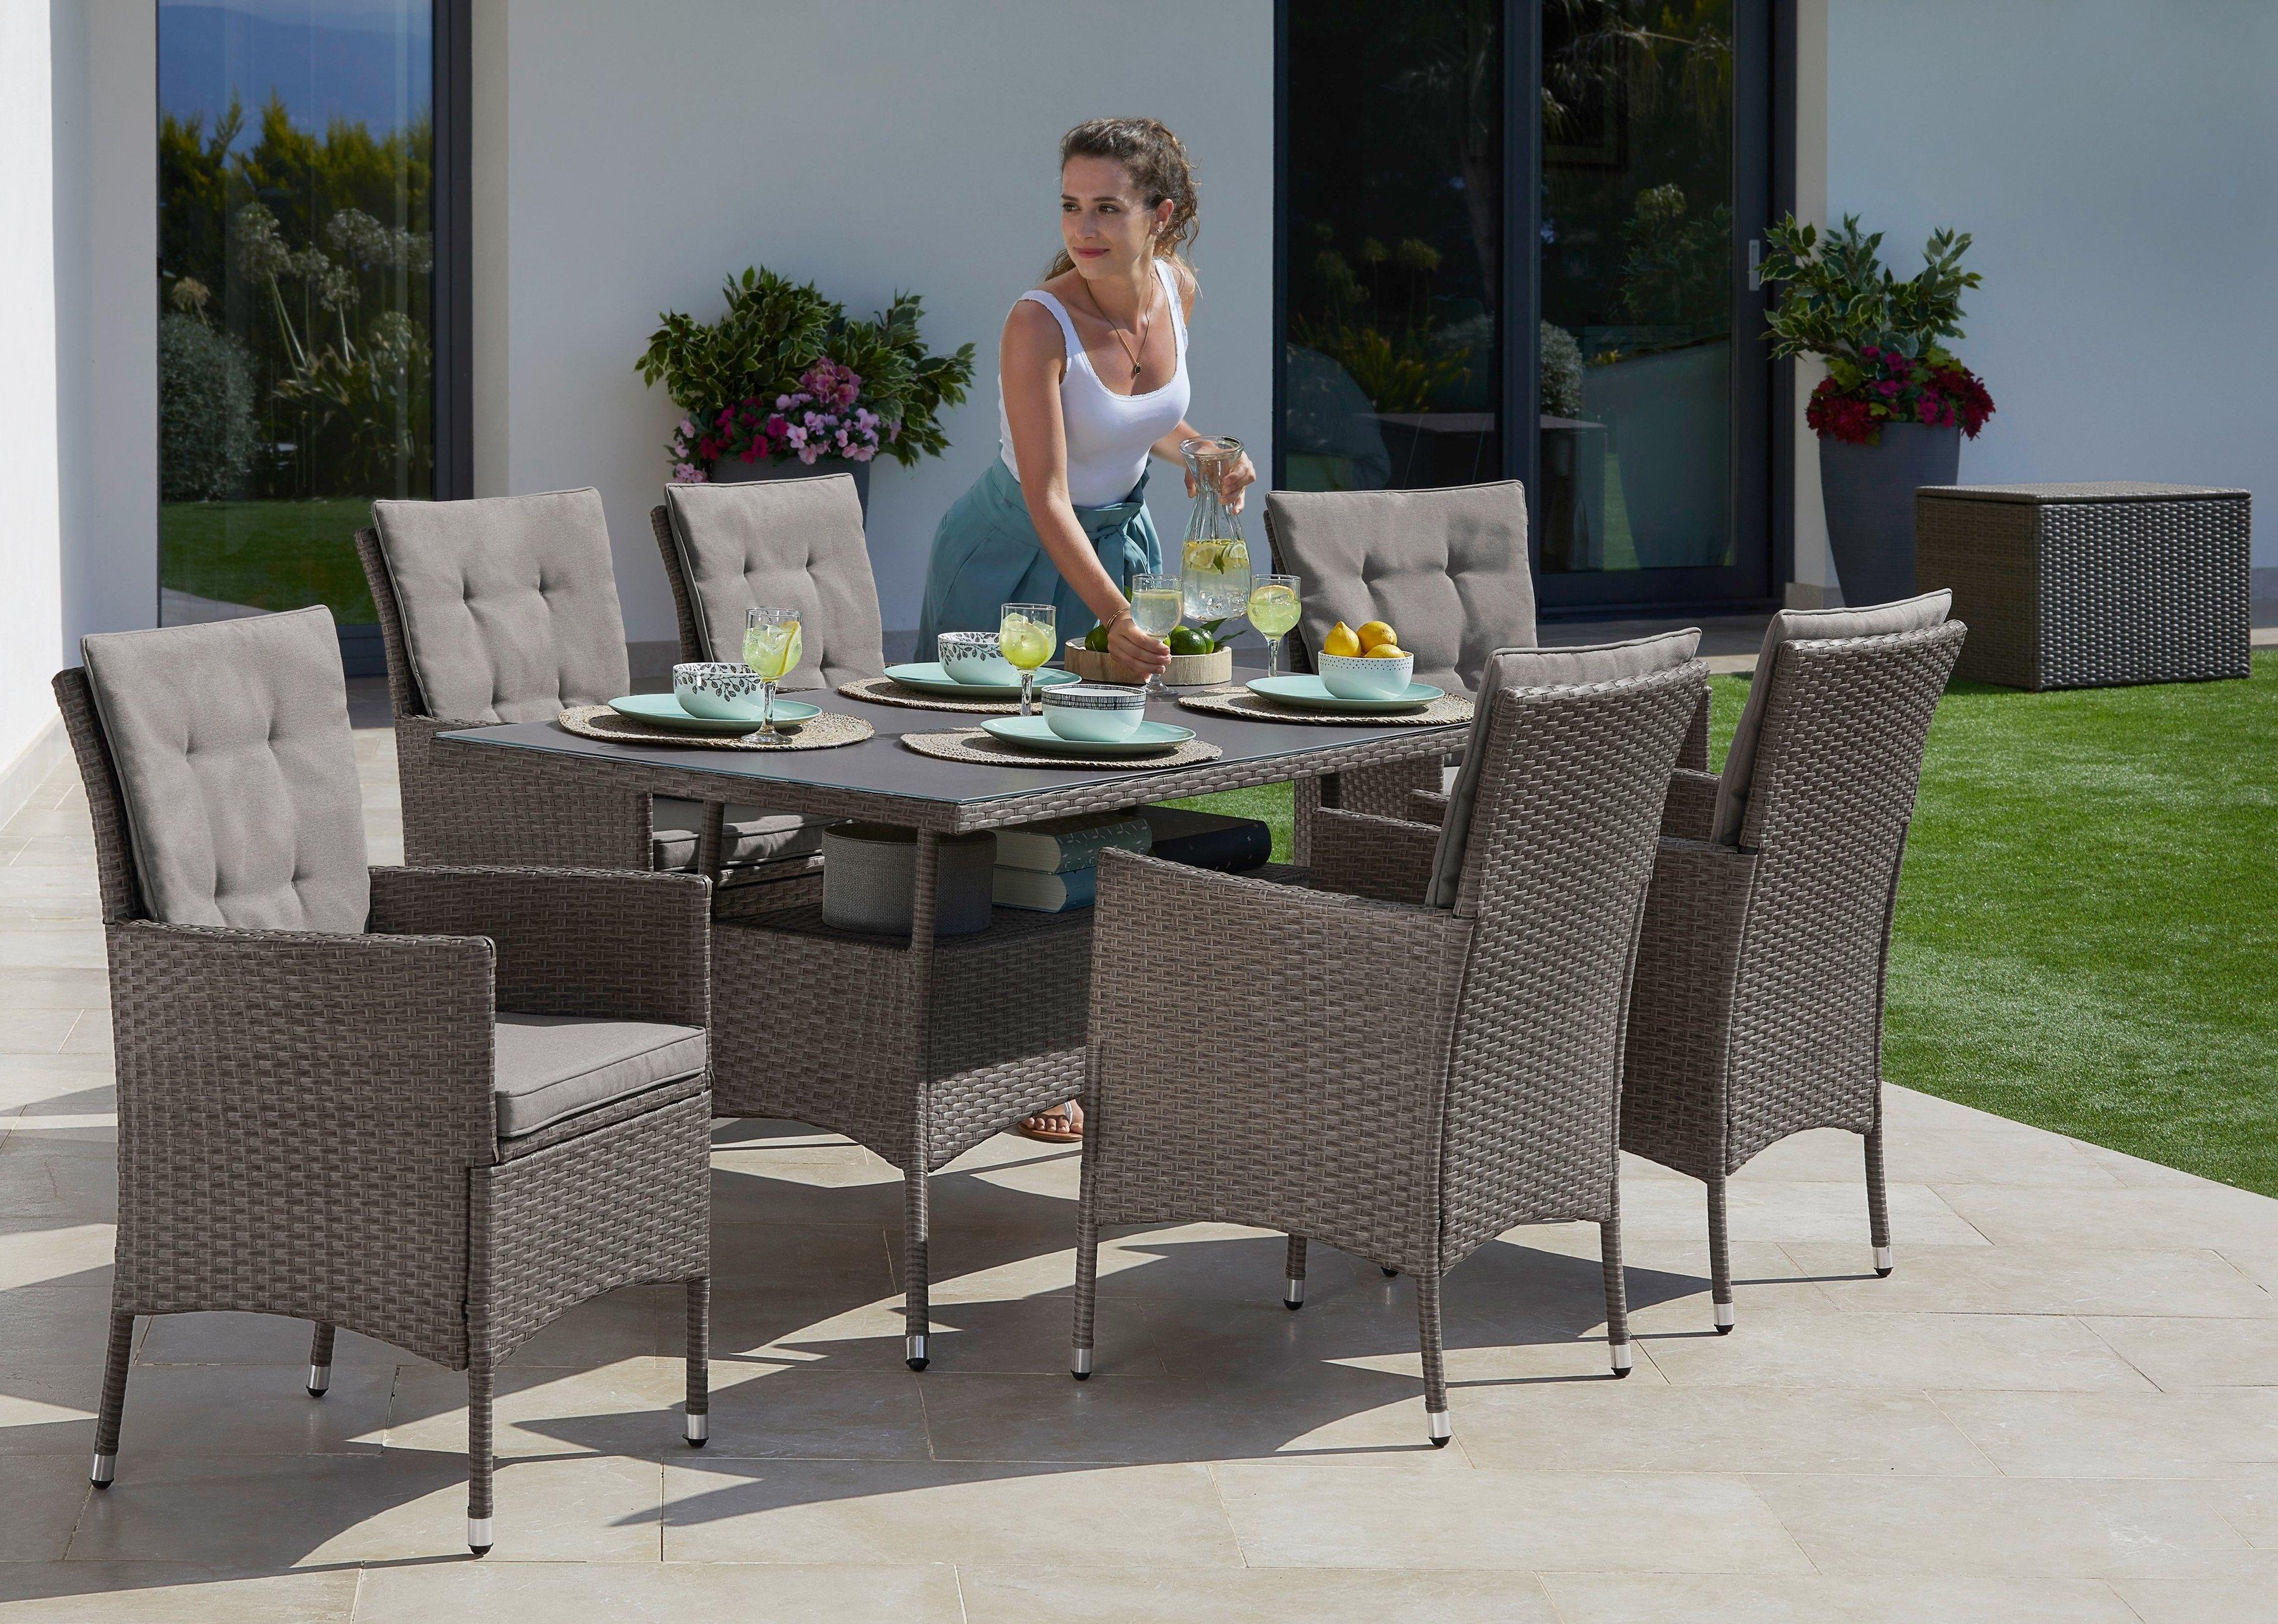 Konifera tuinmeubelset »Milan« 19-delig, 6 fauteuils, tafel 150x80 cm, poly-rotan bestellen: 30 dagen bedenktijd